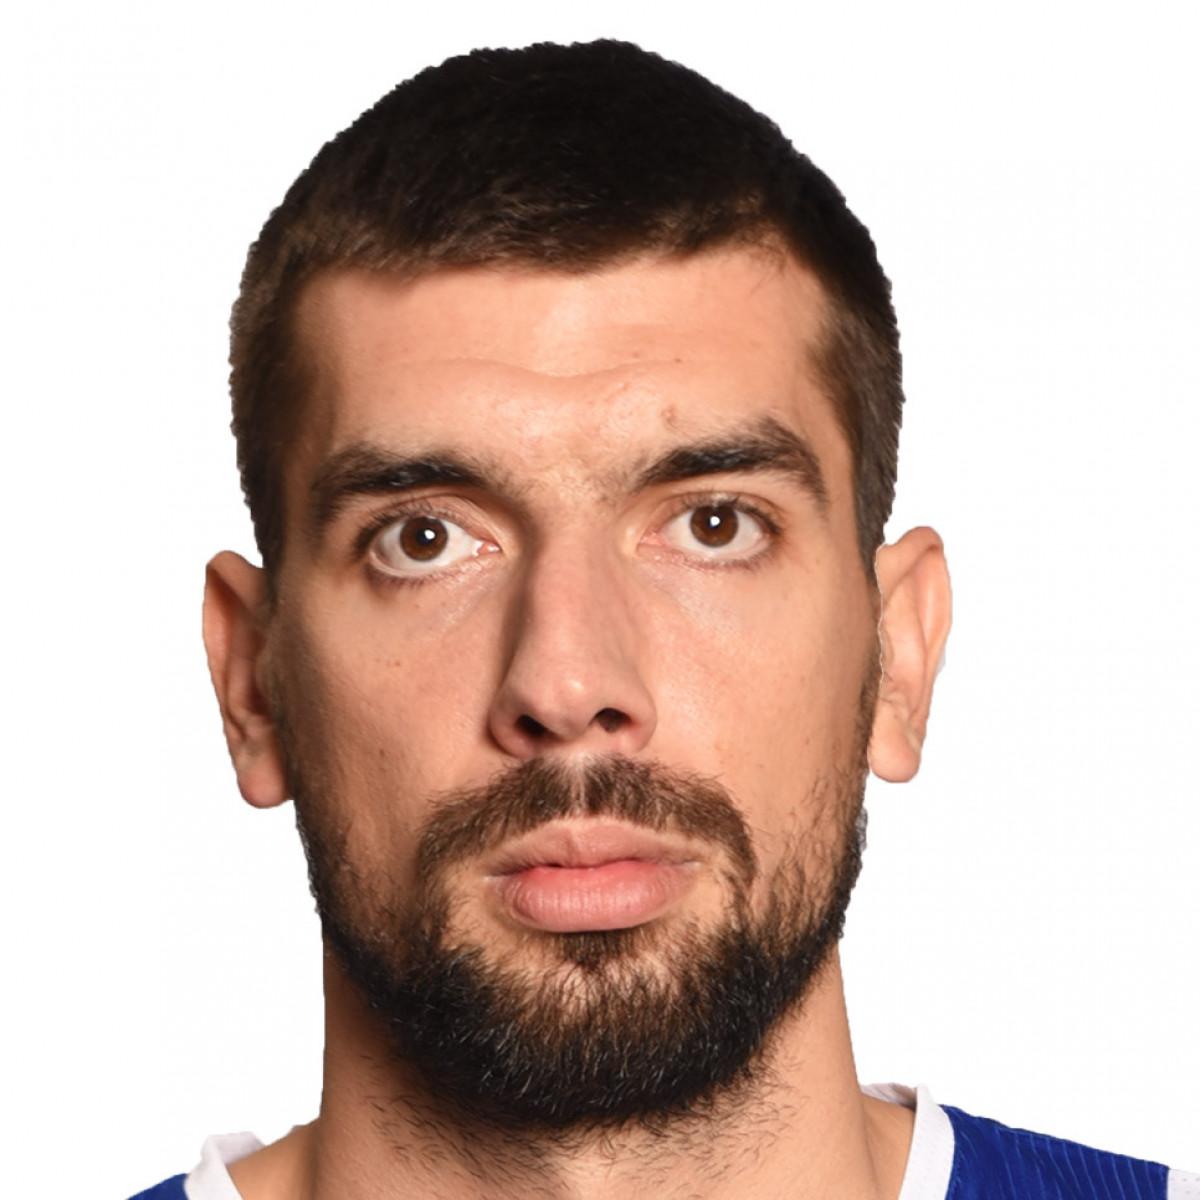 Filip Barovic